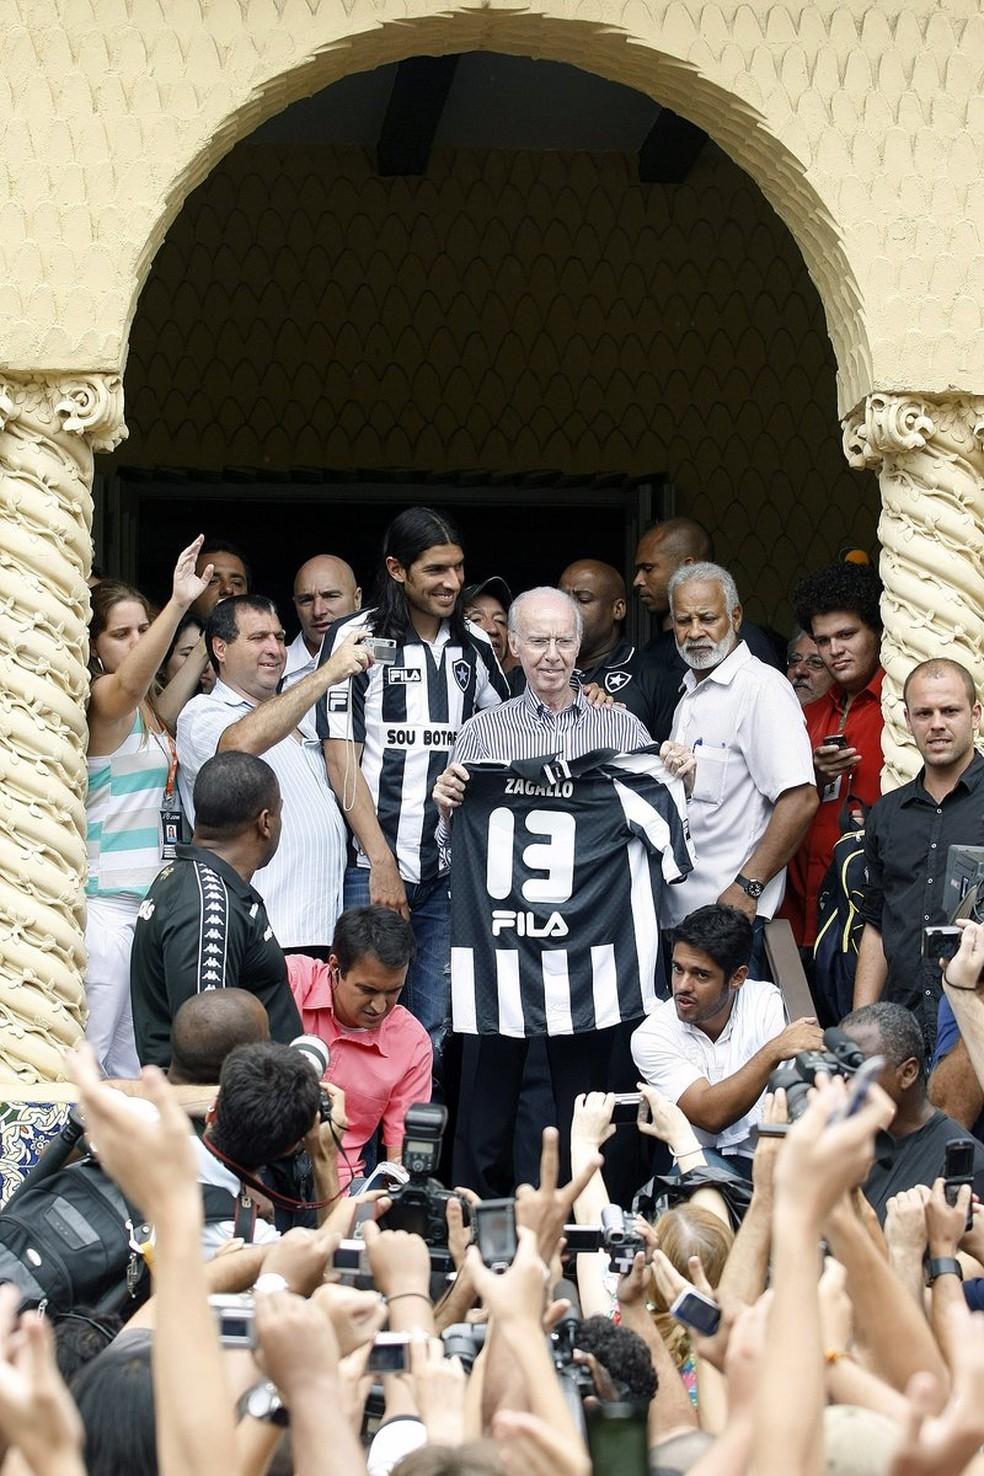 Na apresentação, Loco recebeu a camisa 13 das mãos de Zagallo — Foto: Reprodução/Twitter Oficial do Botafogo